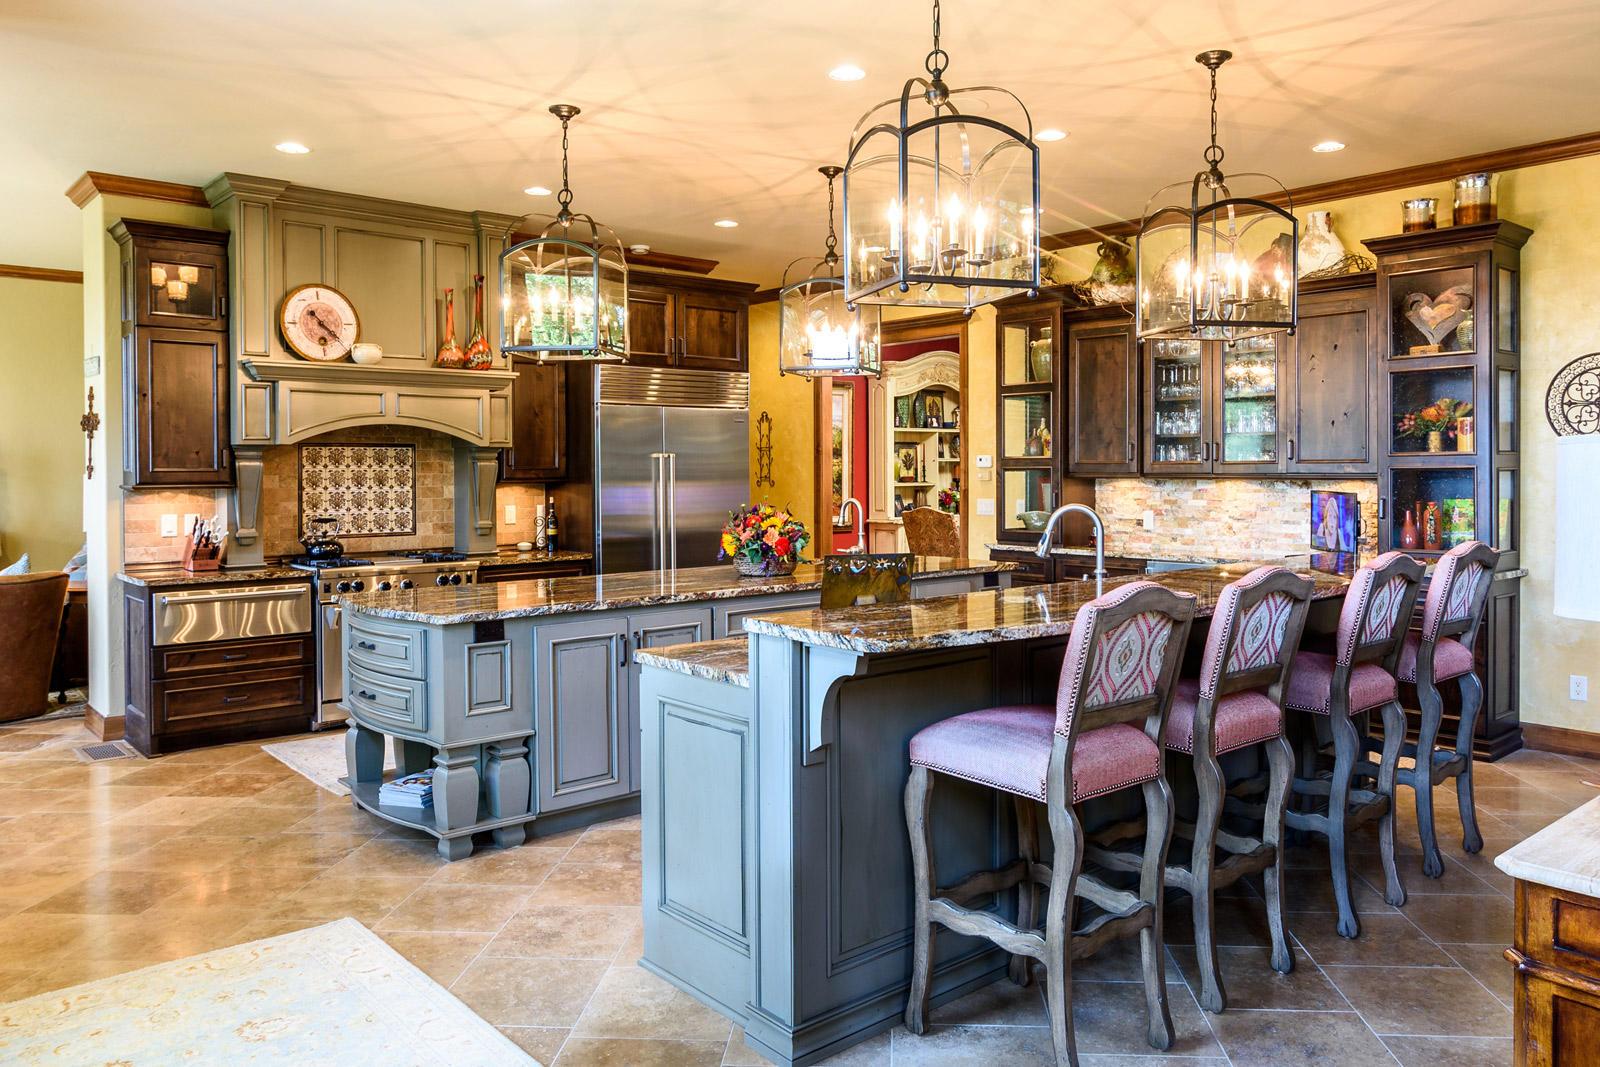 Evolve Interior Design 2312 W 69th St 120 Sioux Falls Sd Interior Decorators Design Consultants Mapquest